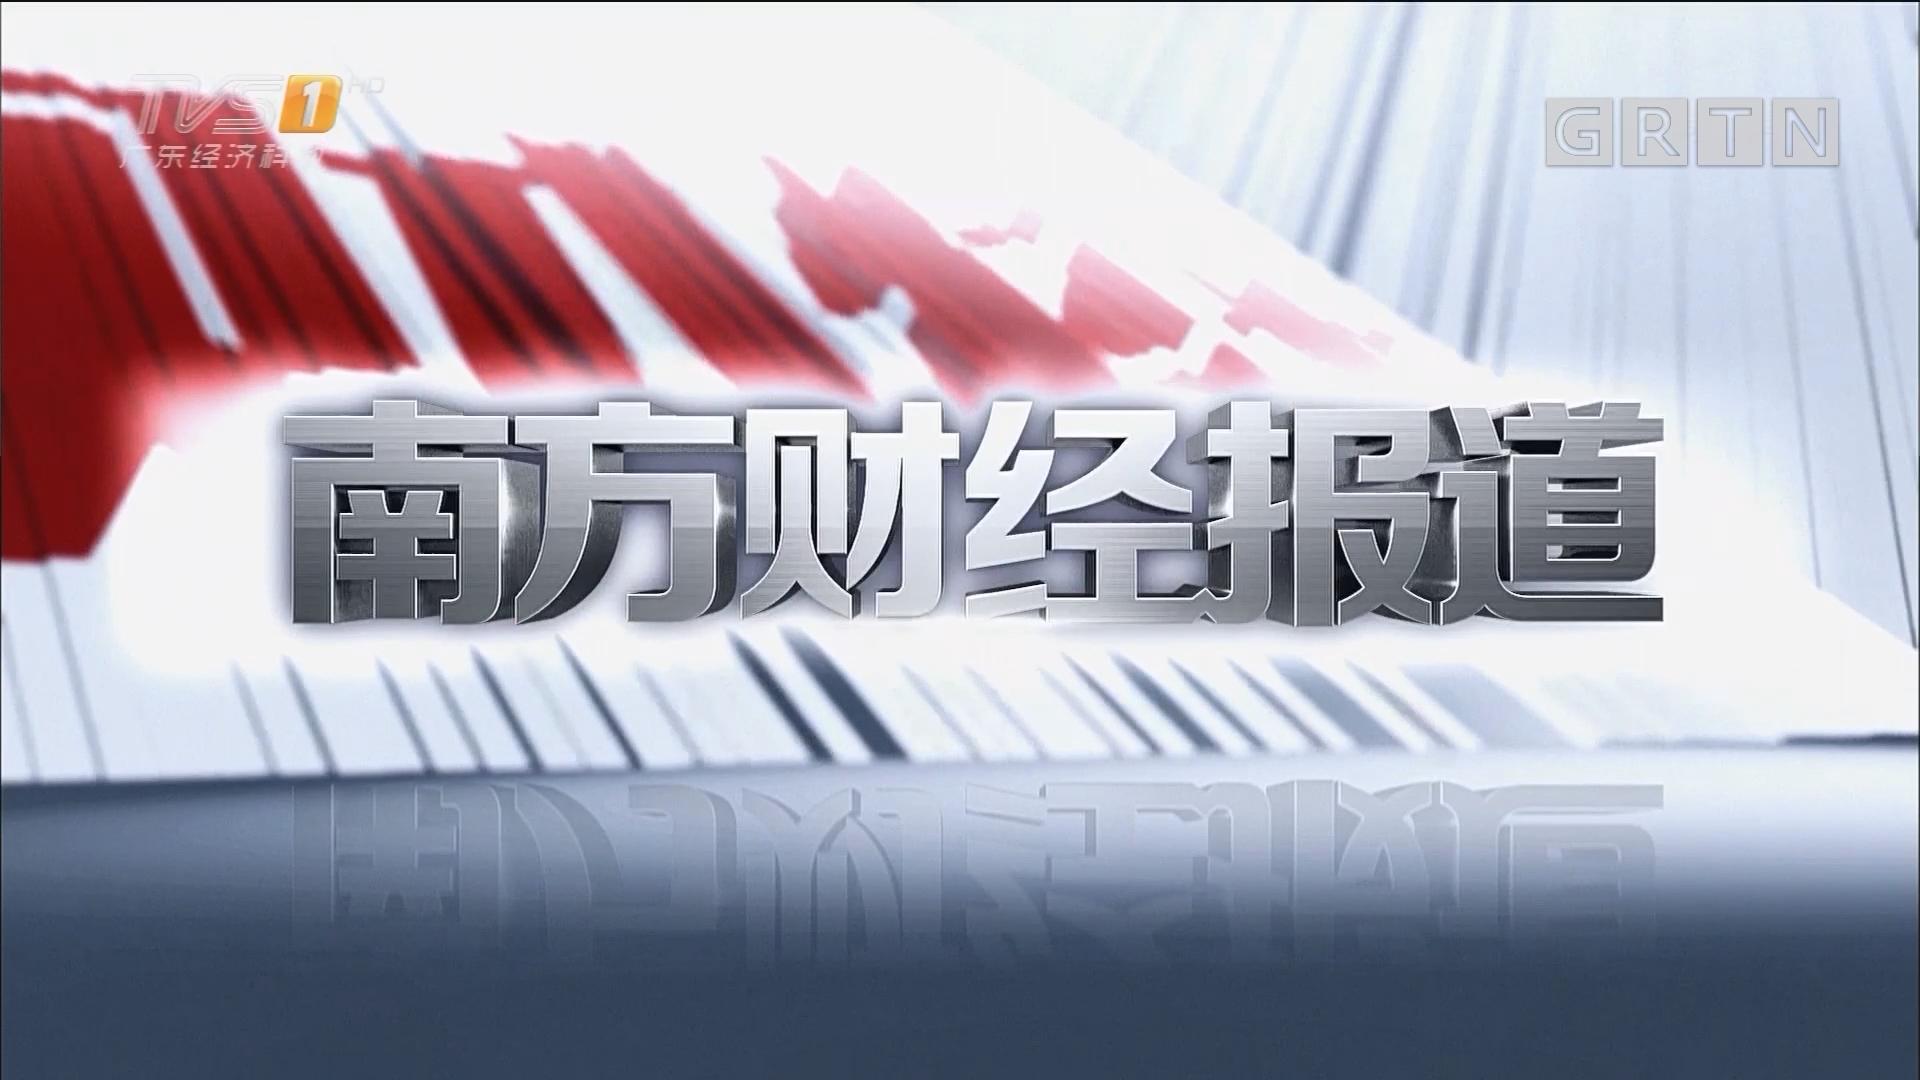 [2018-09-19]南方财经报道:2018中国制造业创新大会在广州召开 李希苗圩马兴瑞出席